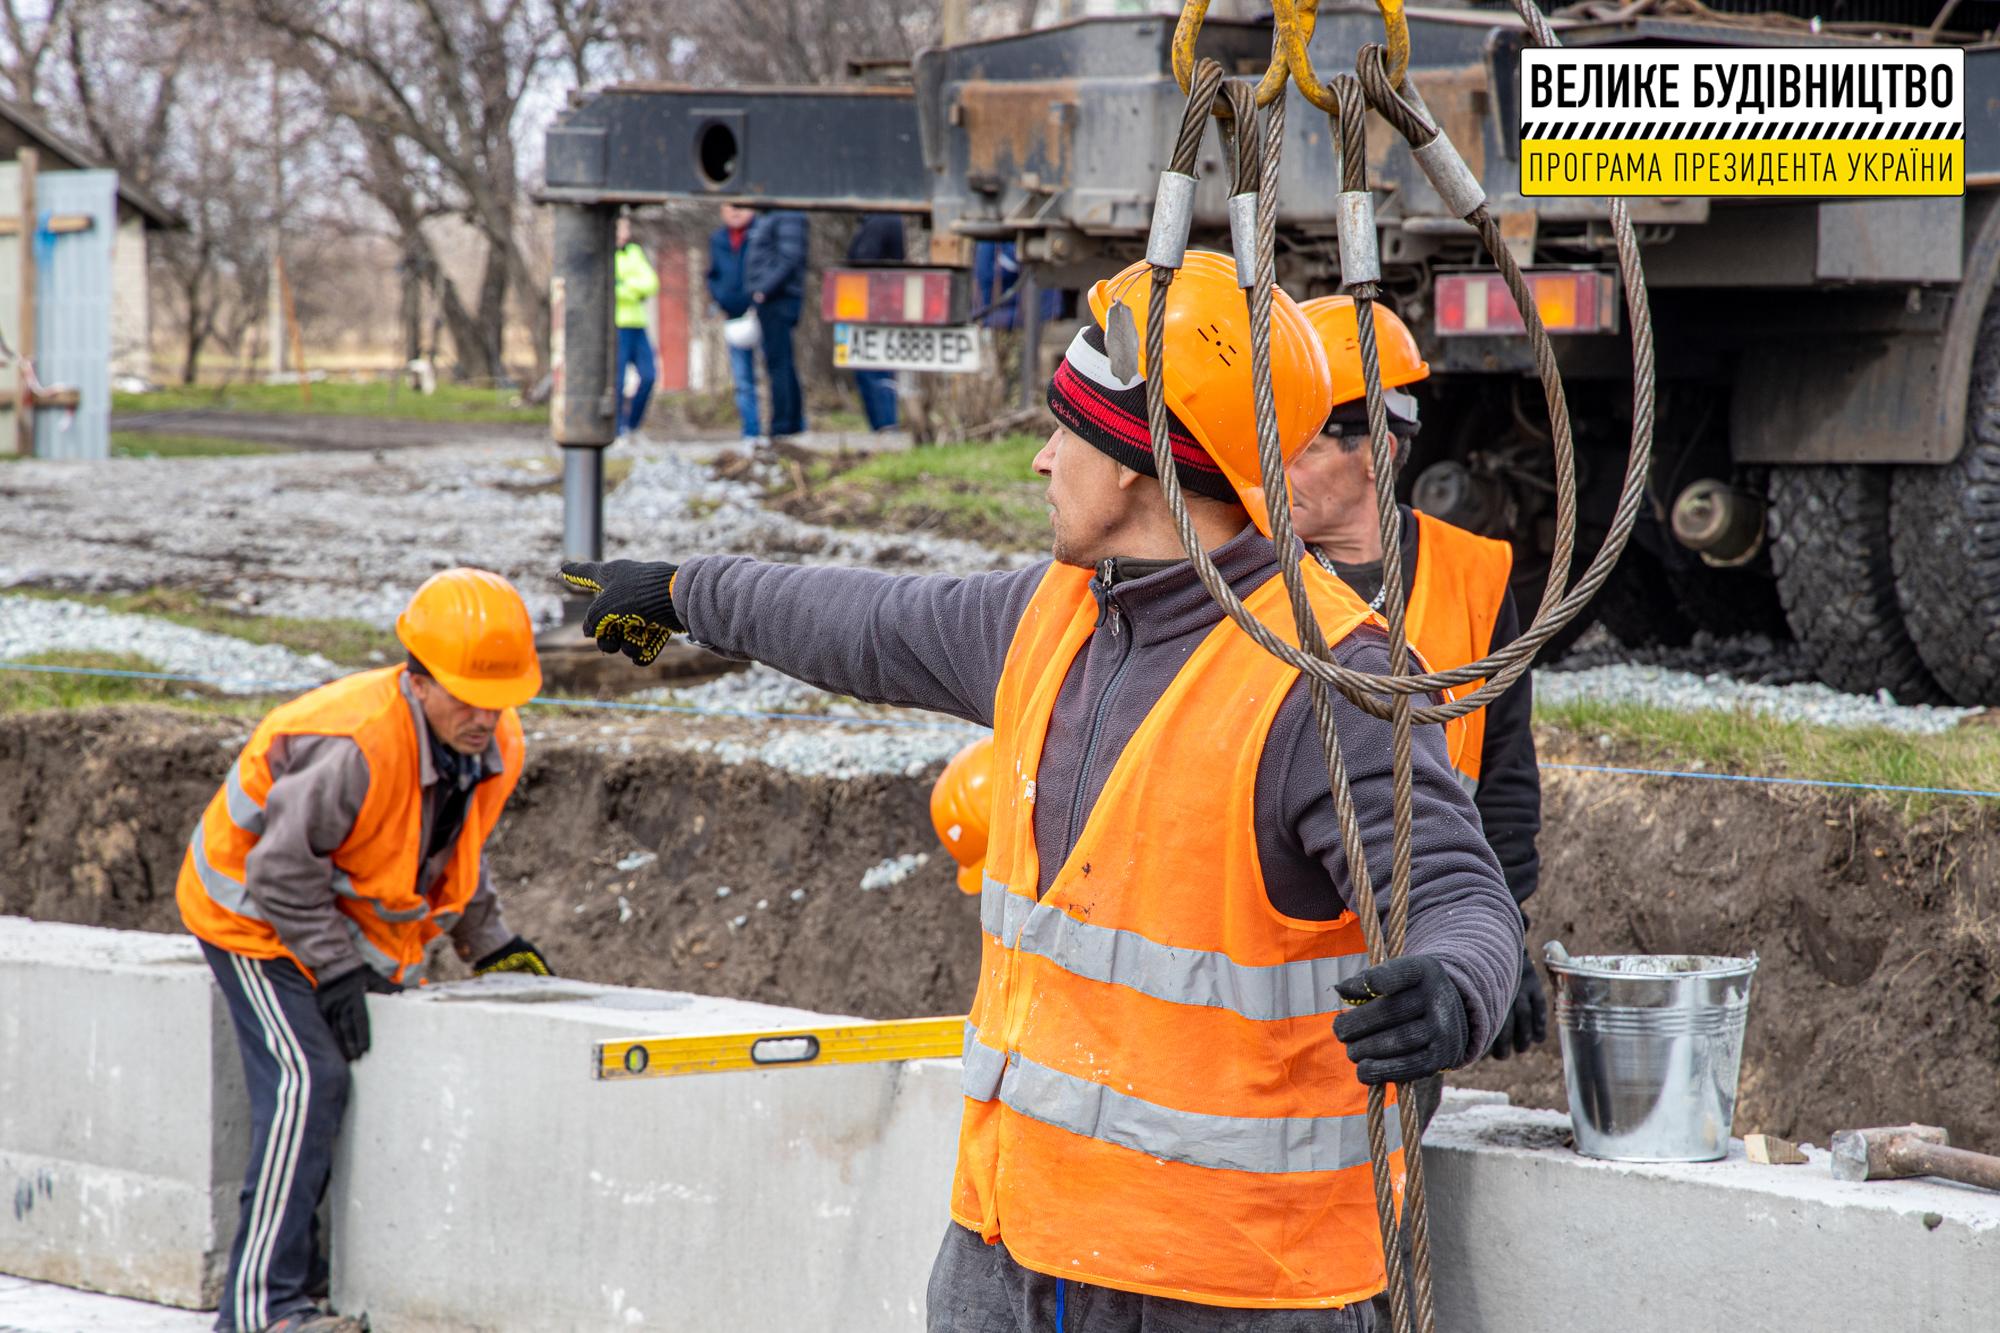 Будівельники працюють, місцеві – з нетерпінням чекають на відкриття